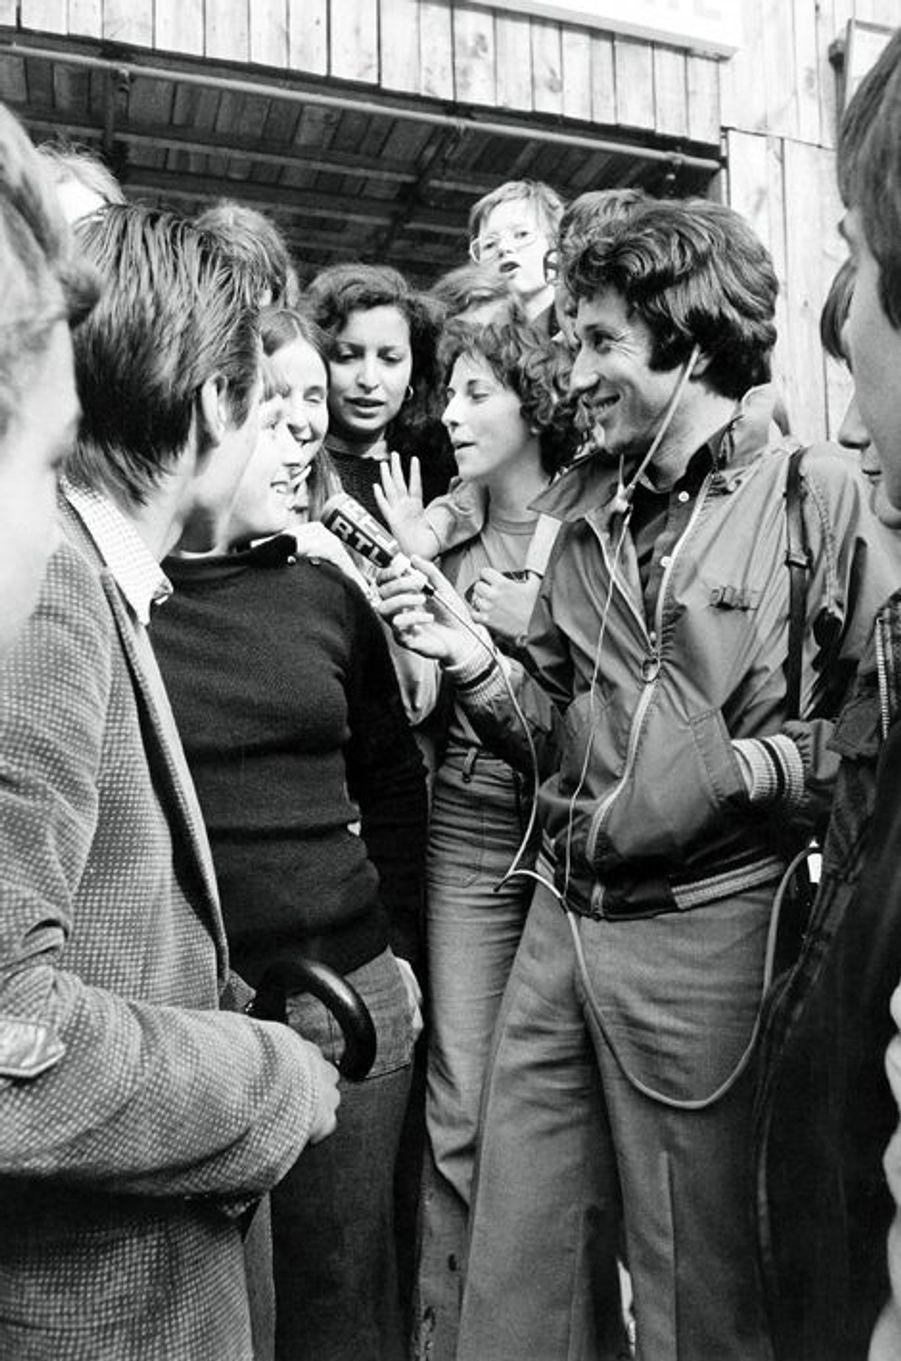 """Le 16 avril 1978. Pour l'émission """"RTL, c'est vous"""", Michel Drucker a visité 100 villes pour partir à la rencontre des auditeurs"""